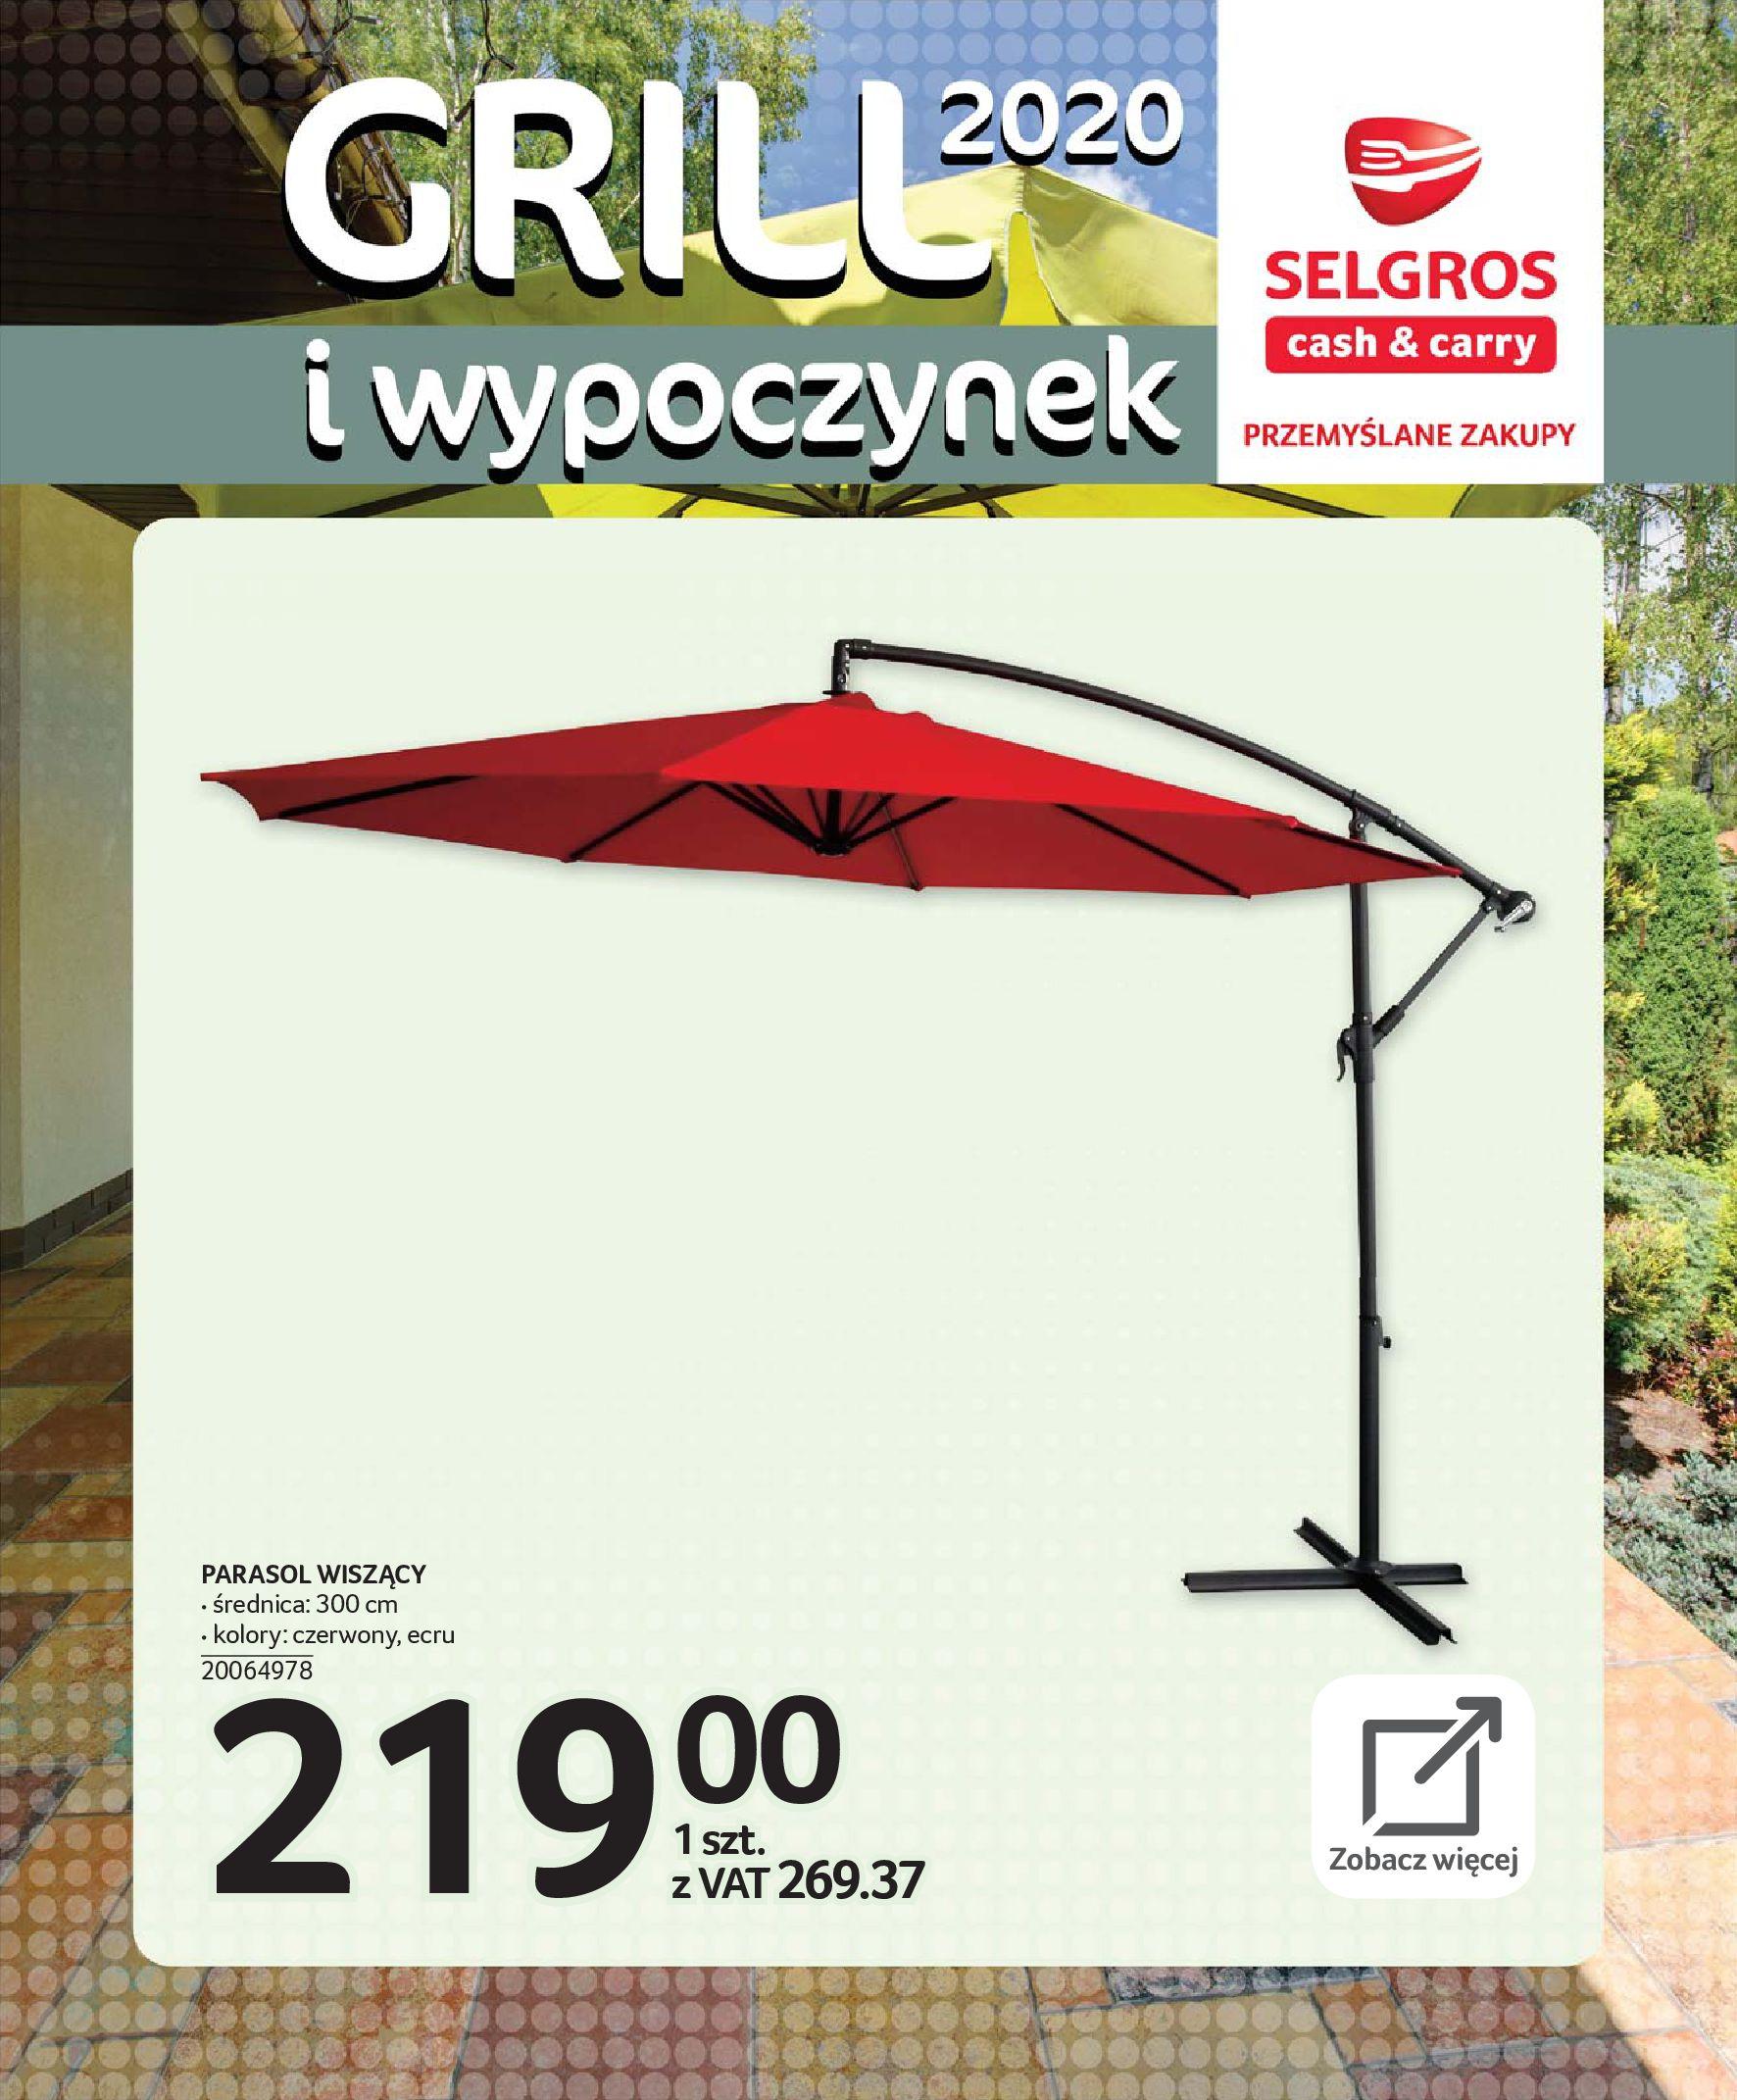 Gazetka Selgros - Katalog - Grill i wypoczynek-31.03.2020-31.08.2020-page-34